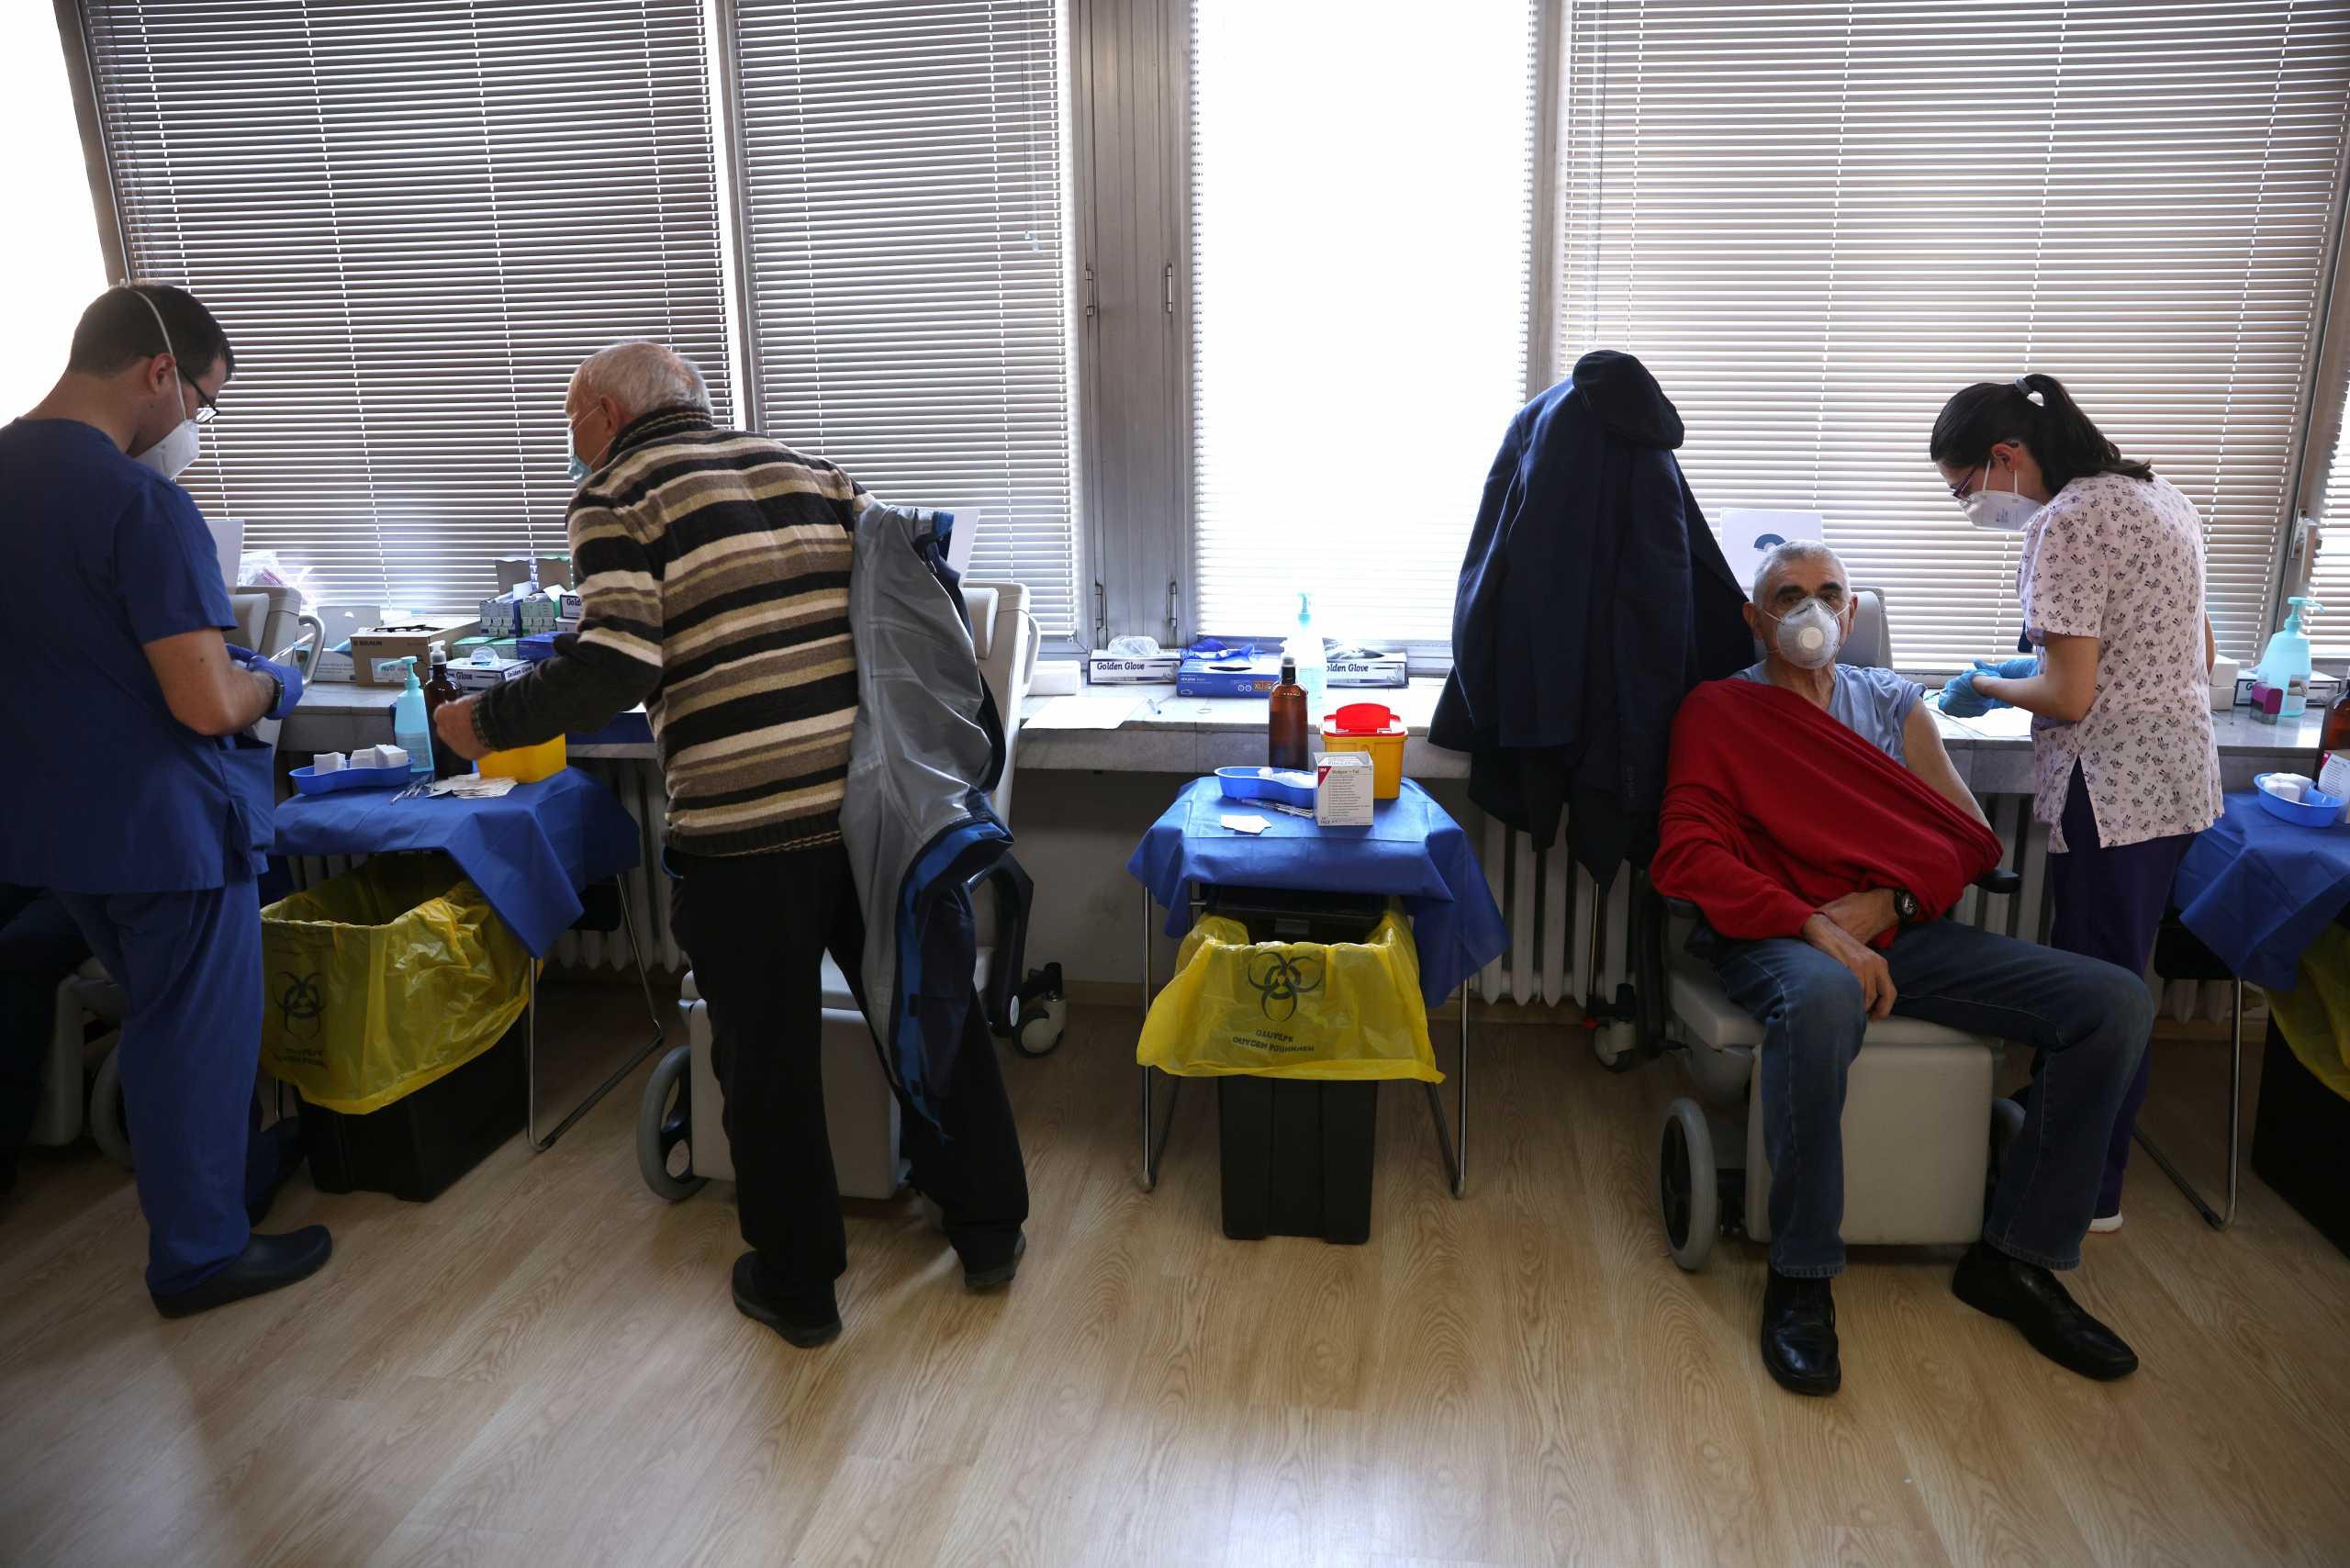 ΠΟΥ: «Απαράδεκτα» αργοί οι ρυθμοί εμβολιασμού στην Ευρώπη